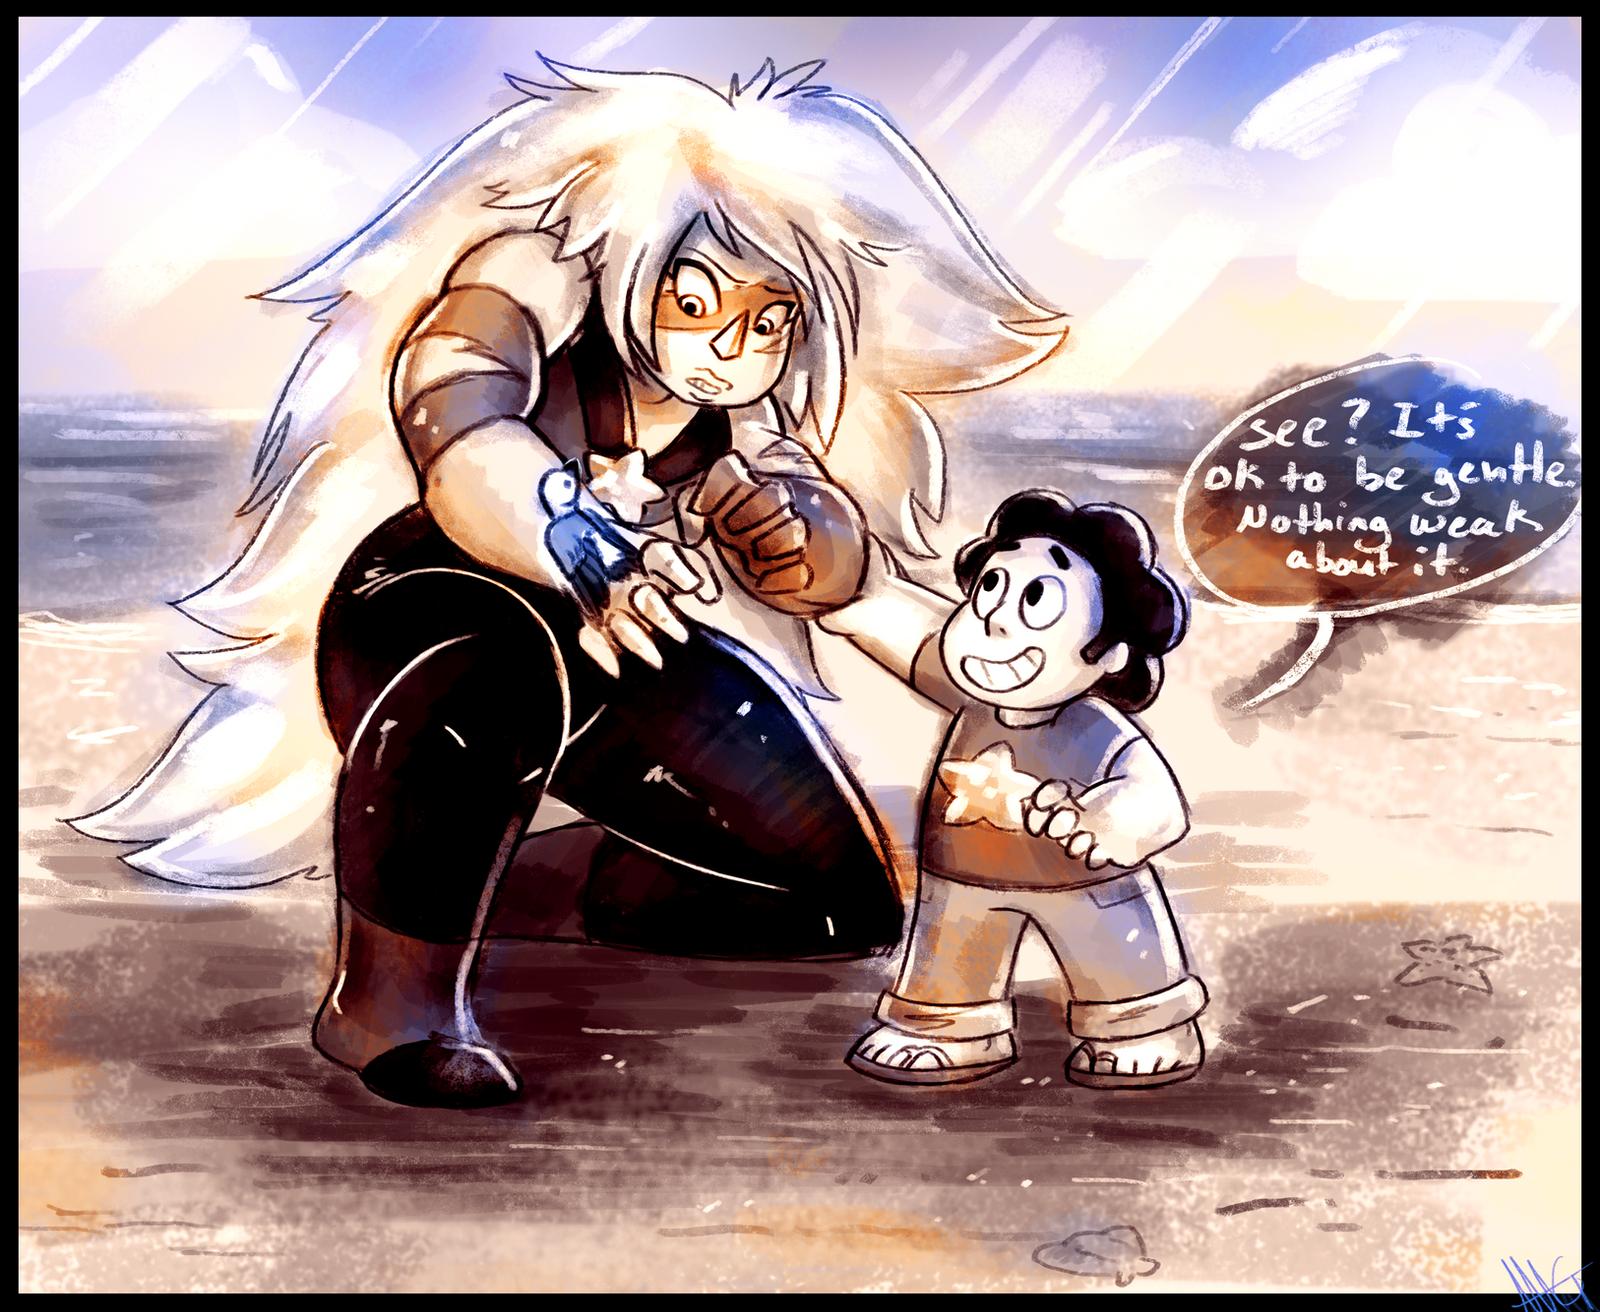 Steven Universe It's ok to be gentle by WalkingMelonsAAA